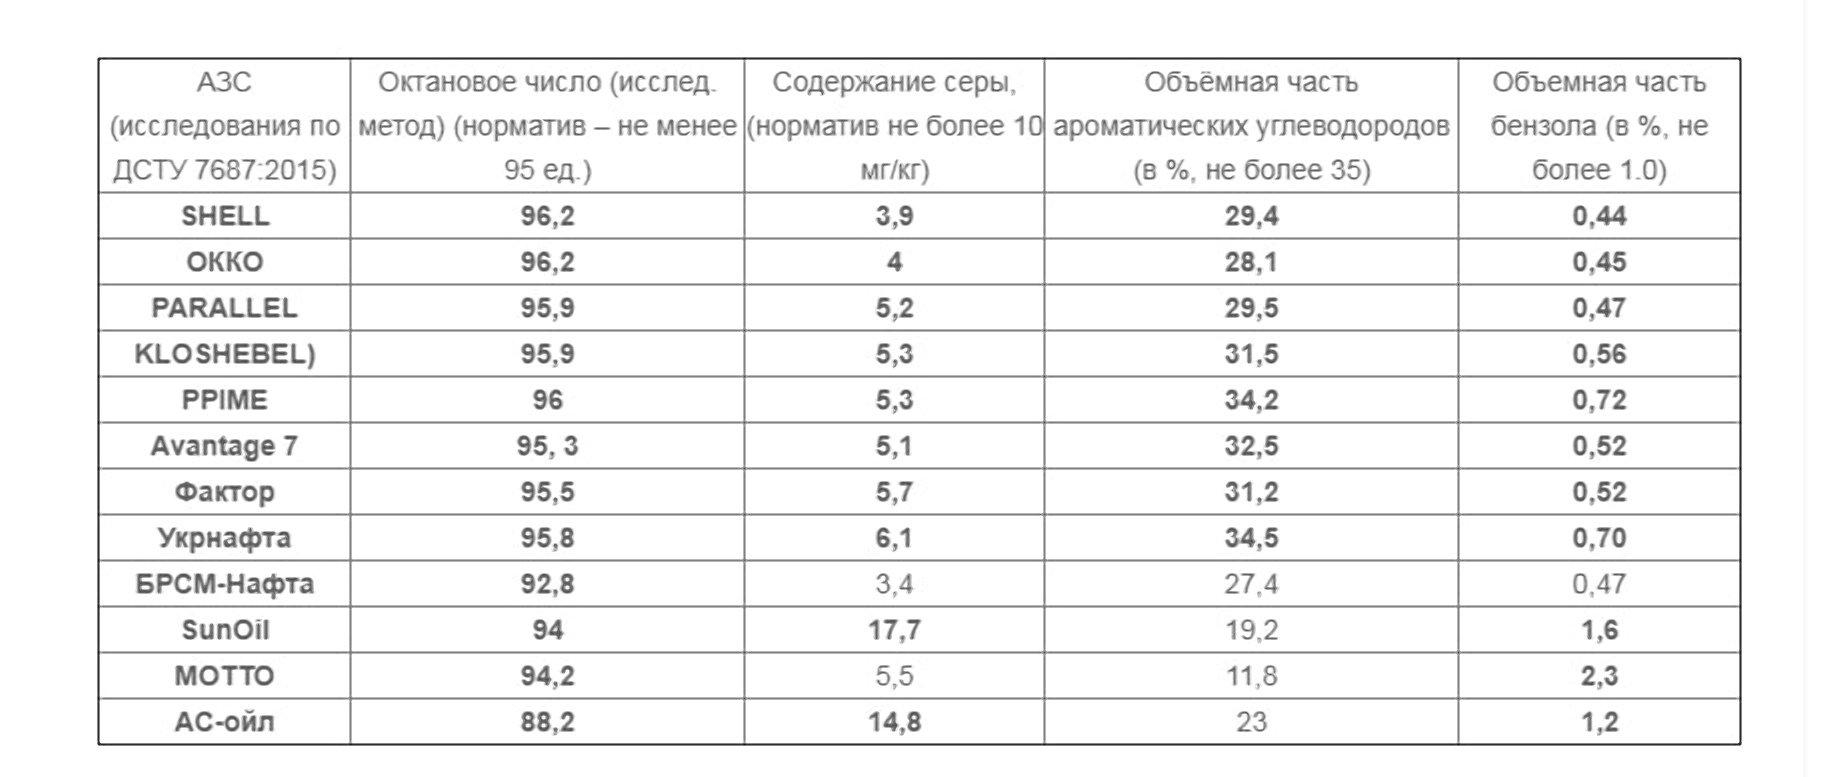 Експерти перевірили бензин А-95 на українських АЗС: де можна заправлятися